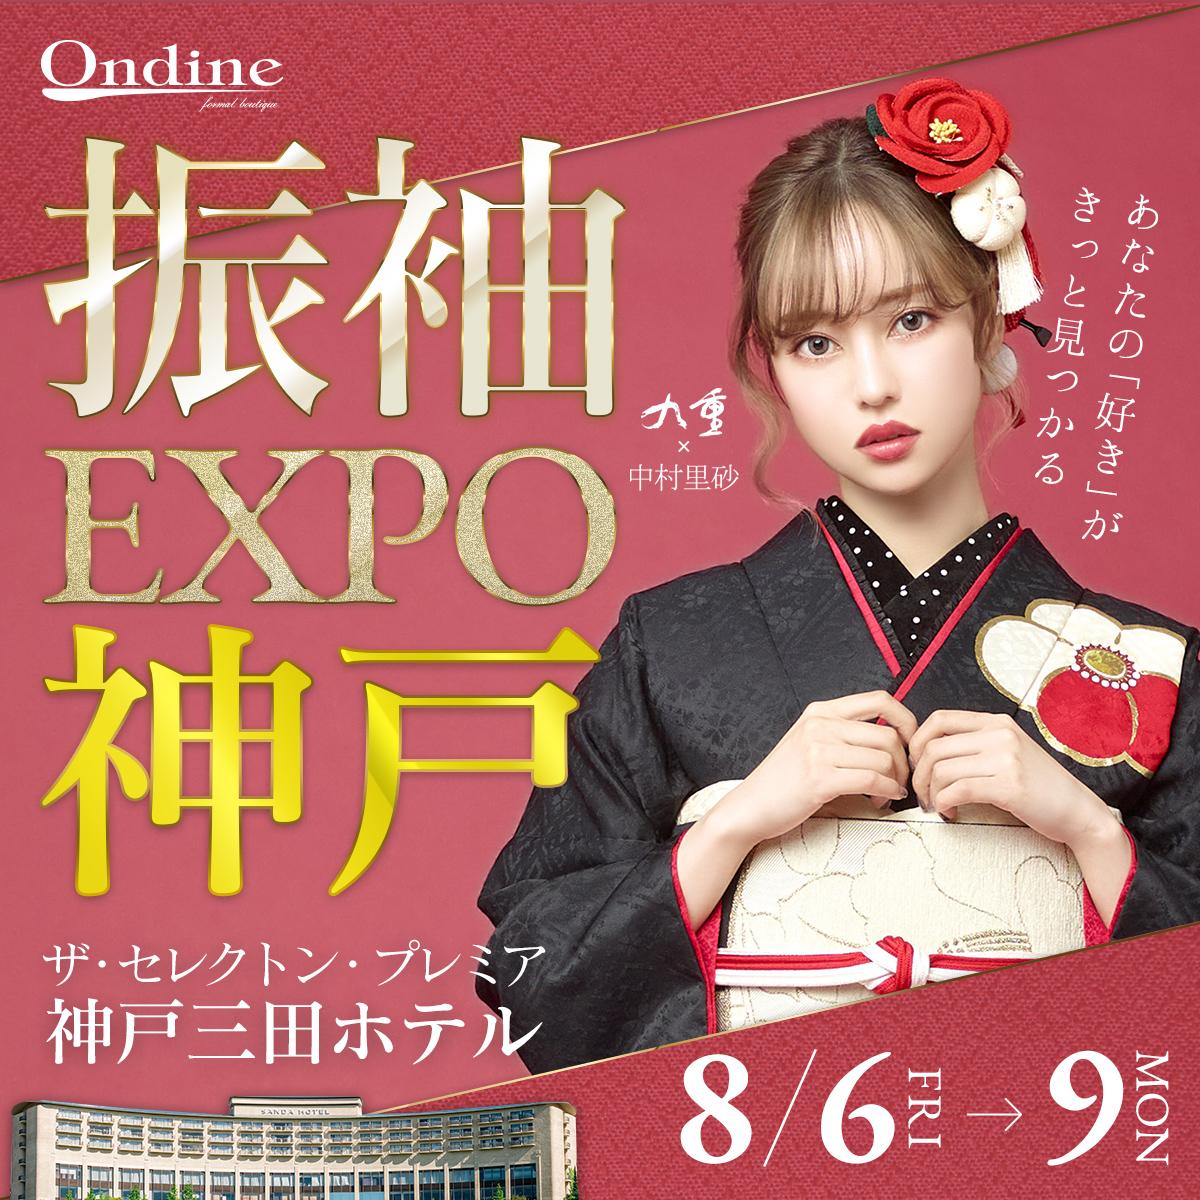 【振袖EXPO】特別な4日間!〔ザ・セレクトン・プレミア神戸三田ホテル〕で運命の一着が見つかる♪